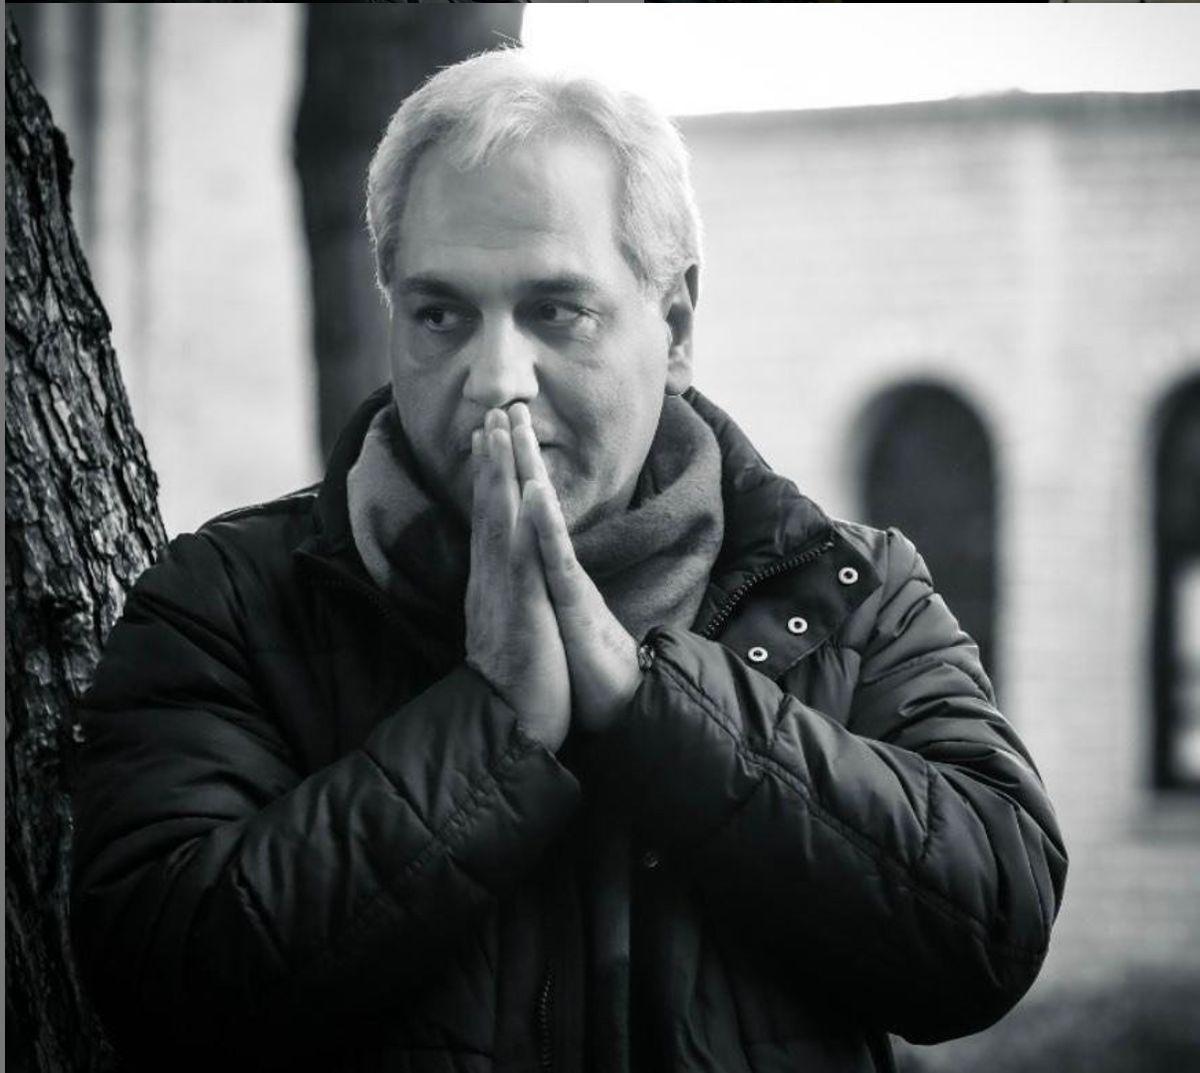 انتقاد شدید بازیگر پیشکسوت از مهران مدیری/ من با پول دزدی بازی نمی کنم!+ ویدئو